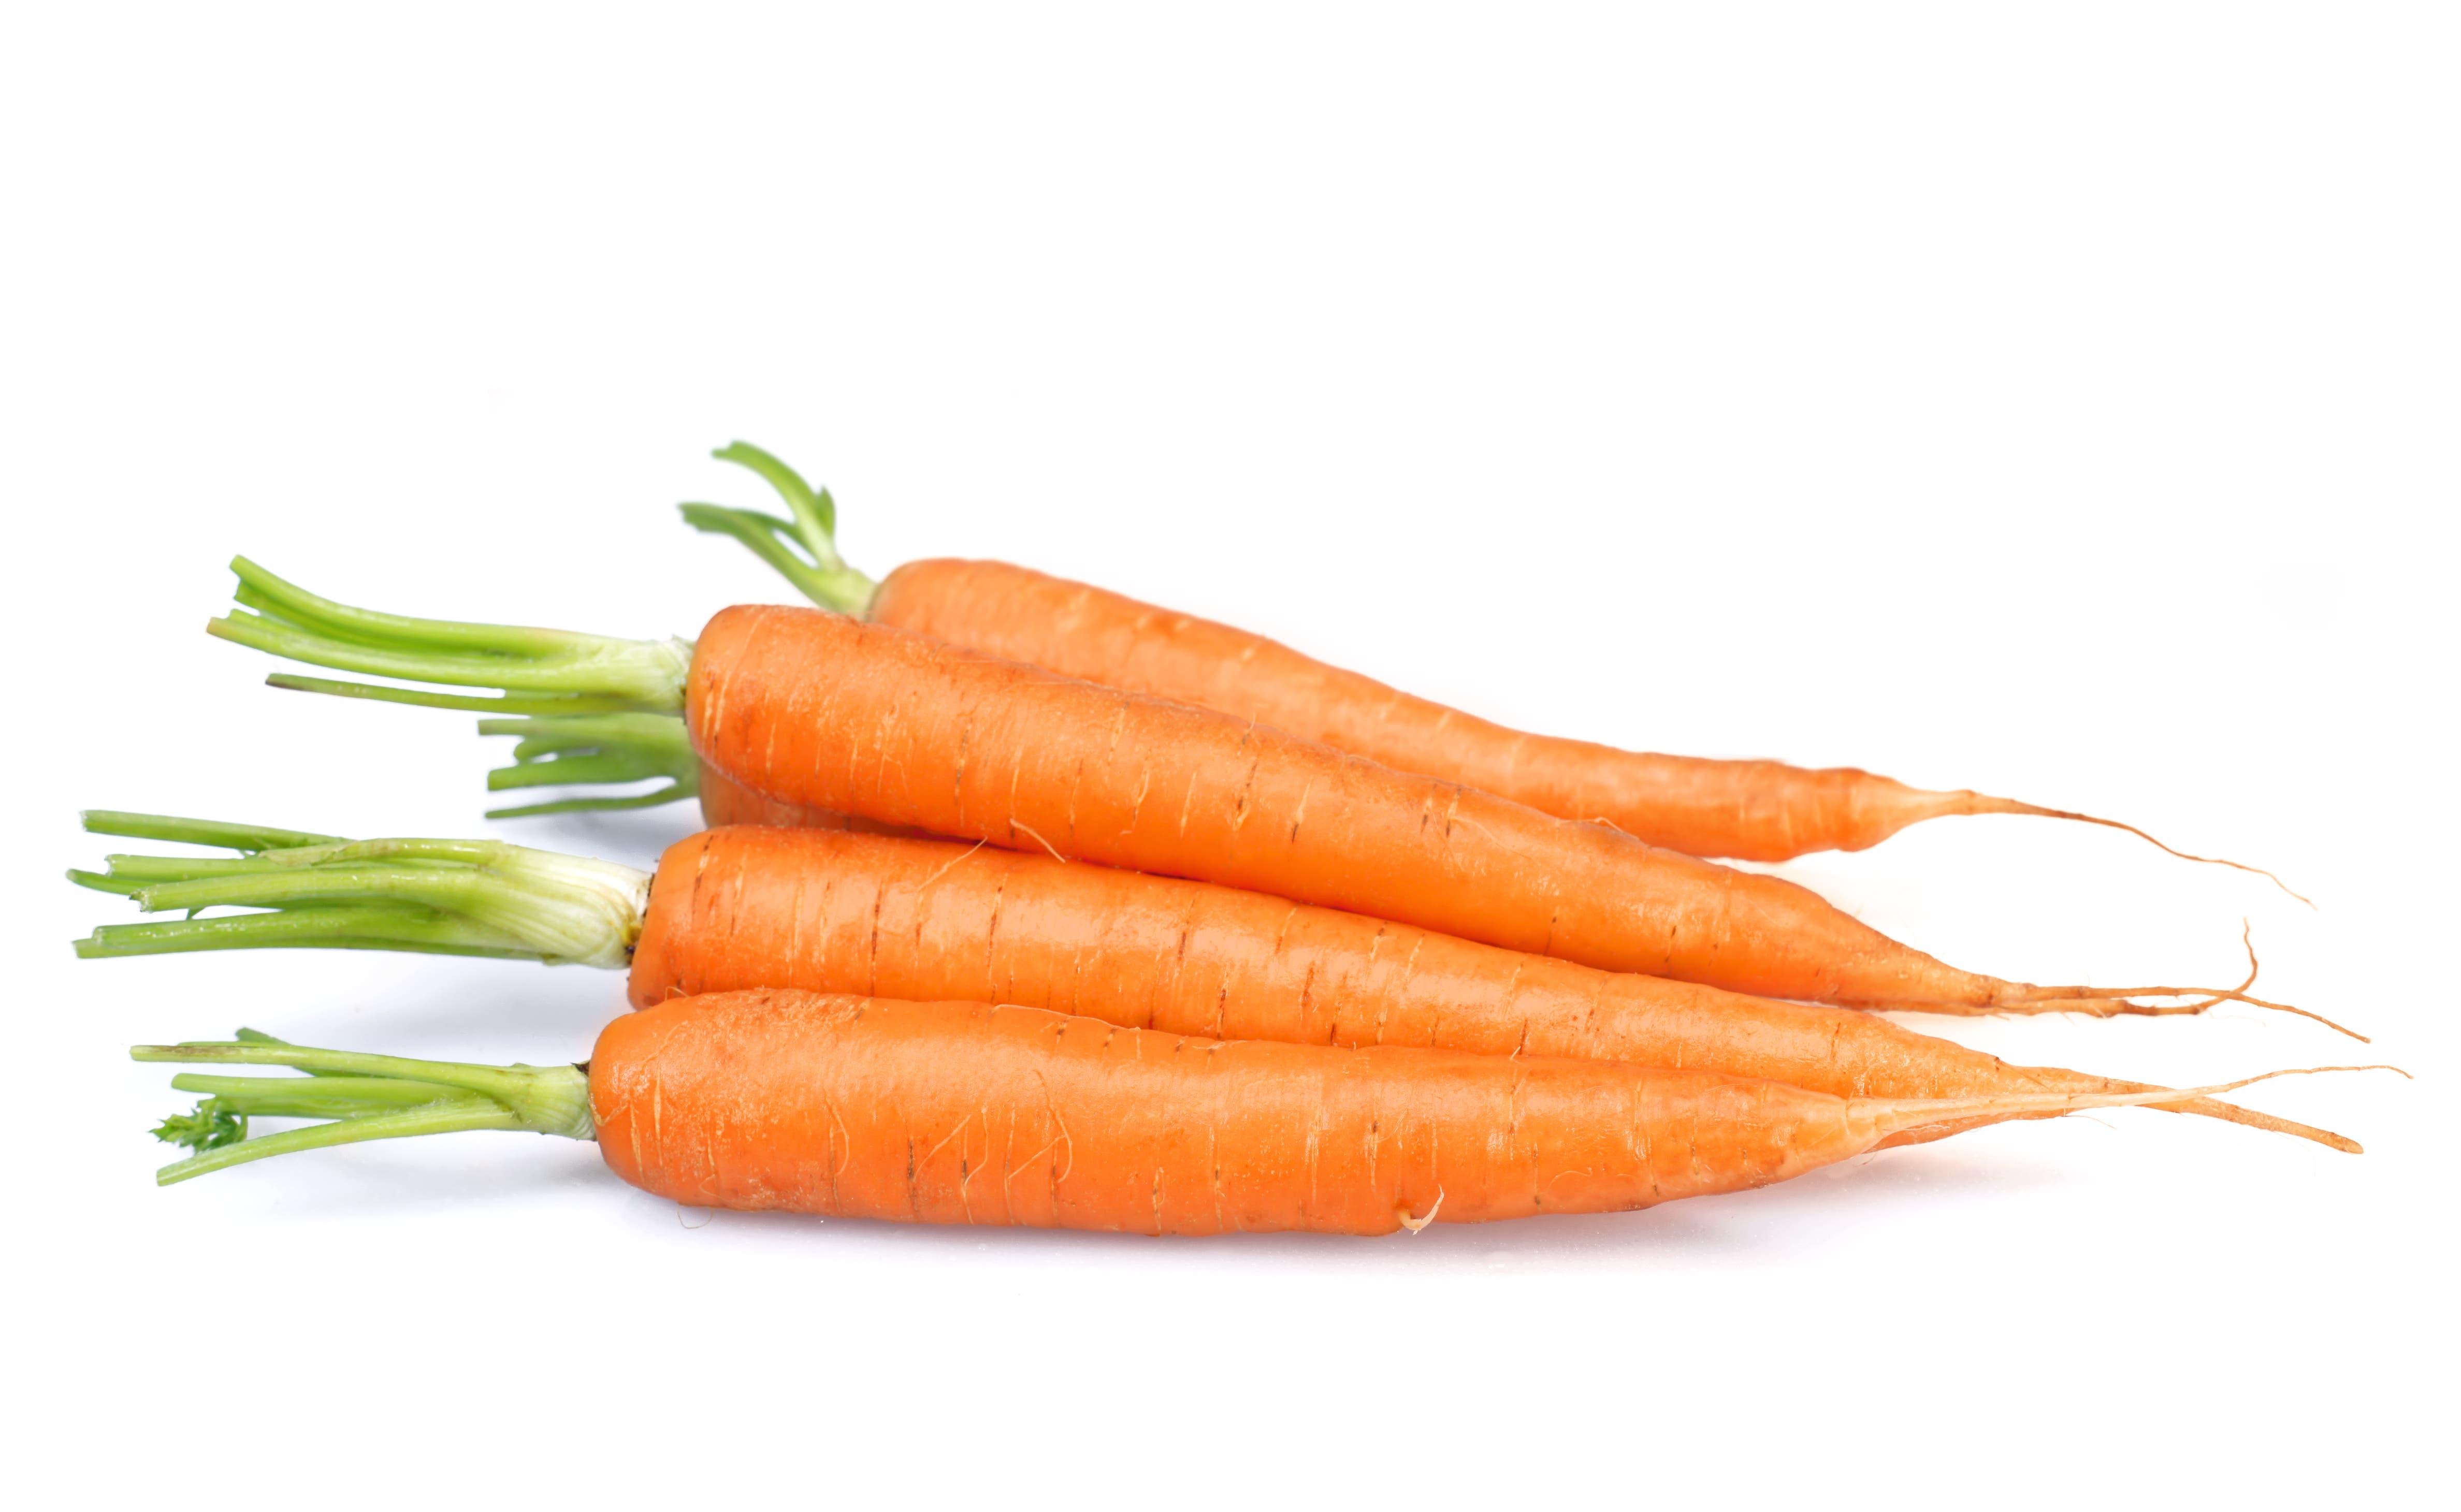 Vitamin A Der tägliche Bedarf entspricht: 1 Rüebli oder 12 getrocknete Aprikosen oder ½ Süsskartoffel oder 1 Portion gedämpfter Spinat oder 2 Beilage-Portionen  Nüsslersalat oder 1 Portion Mangold, gedämpft